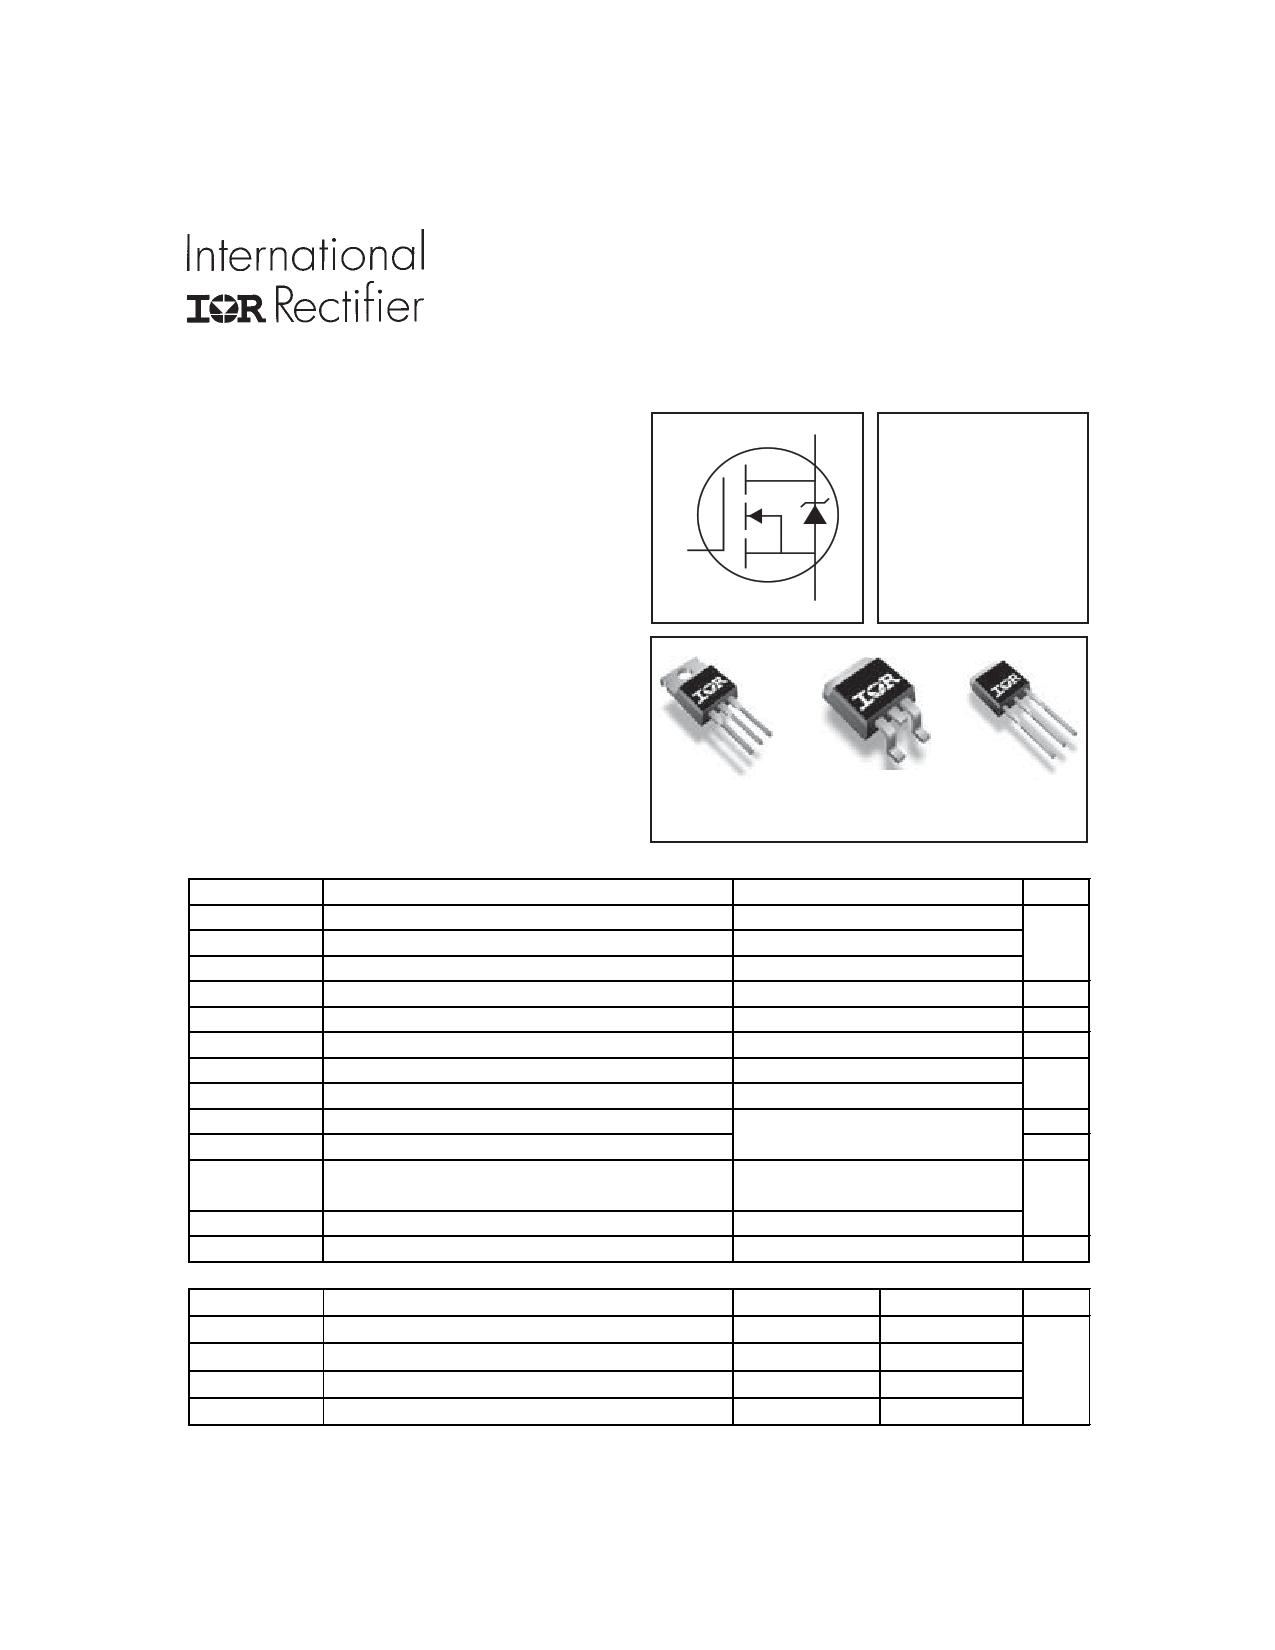 IRFZ44VZ Datasheet, IRFZ44VZ PDF,ピン配置, 機能